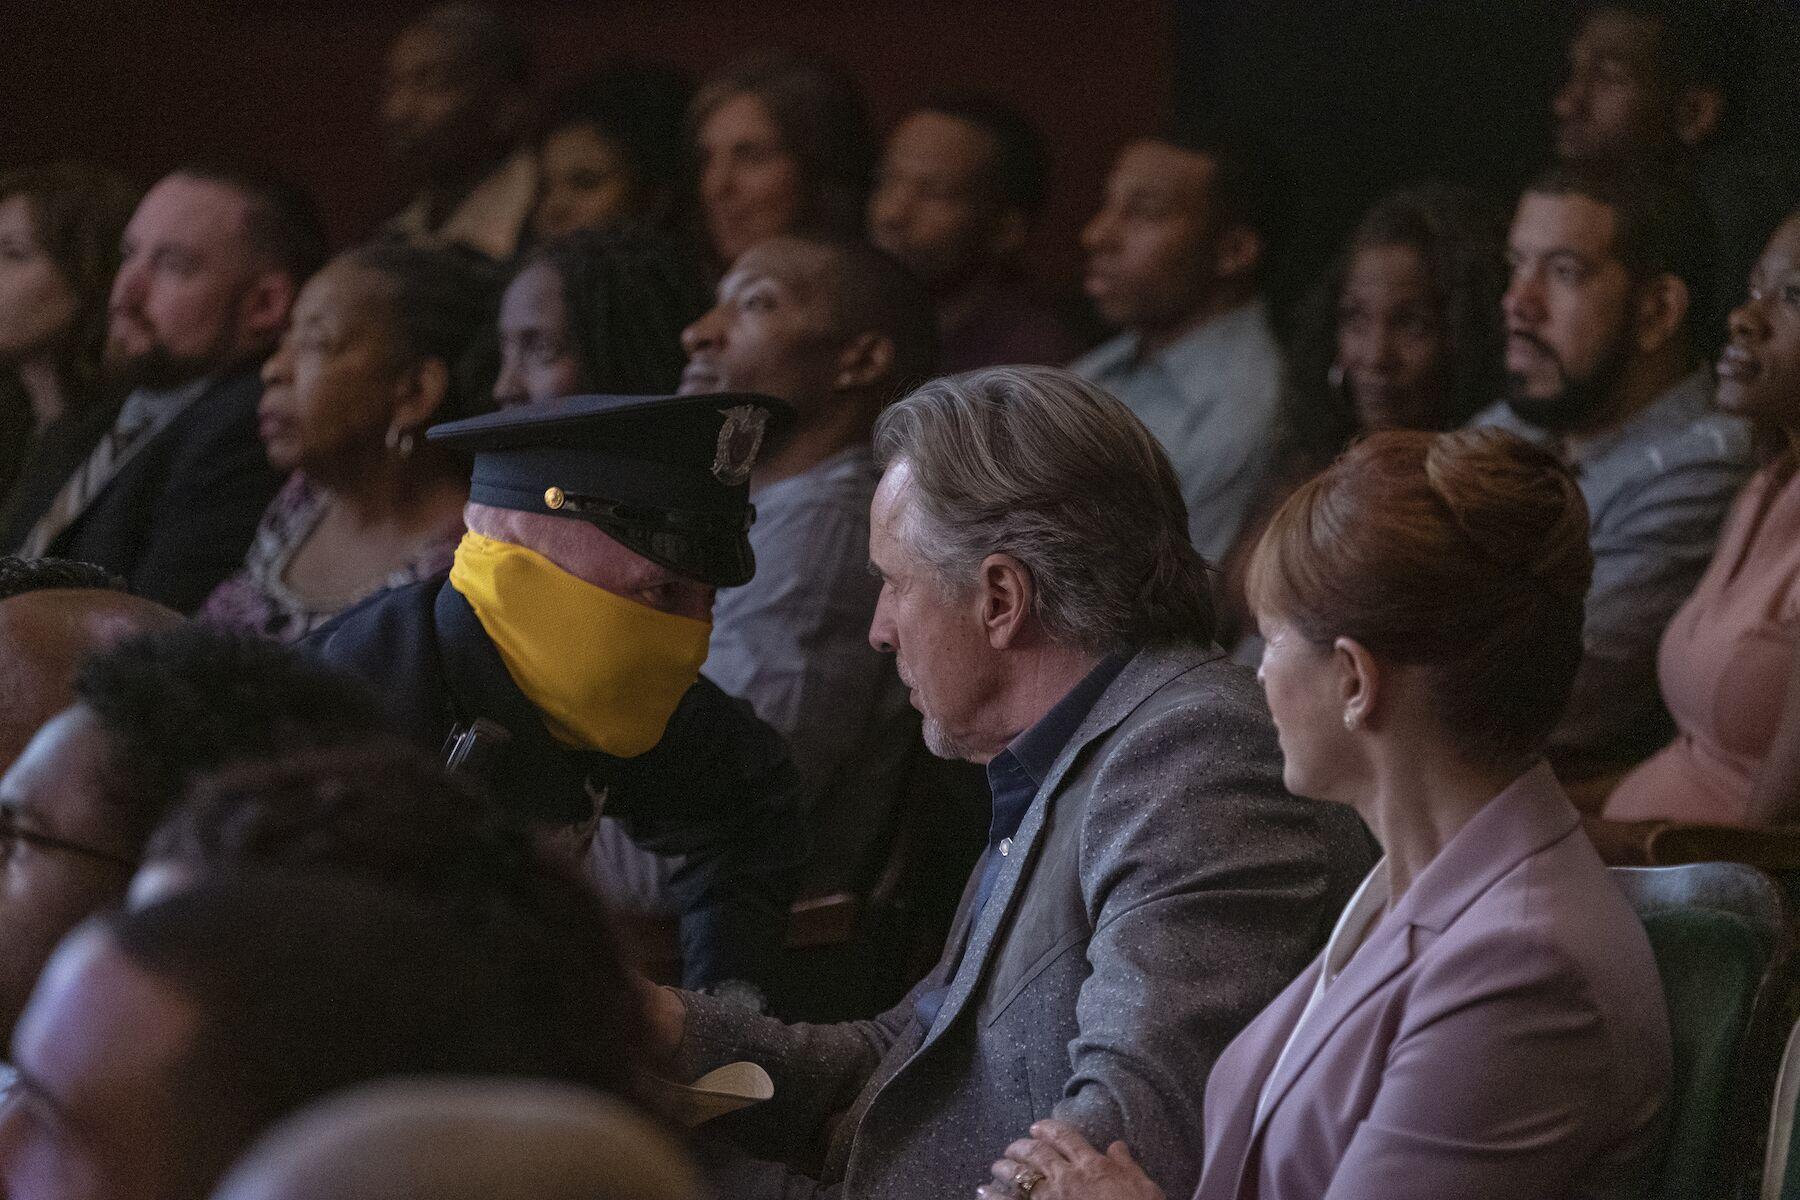 Damon Lindelof explains that surprise death in the Watchmen series premiere